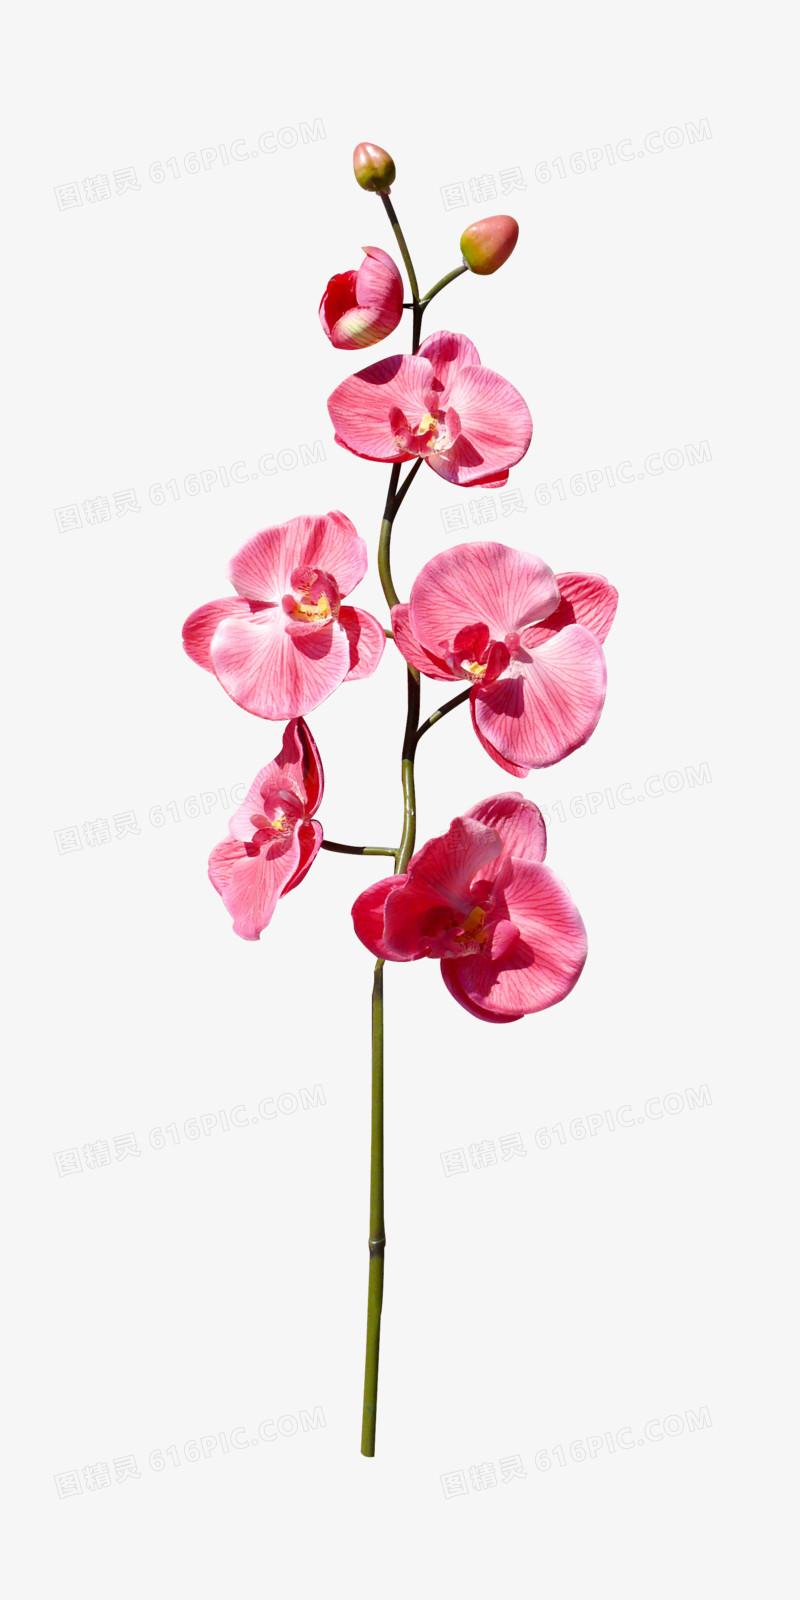 卡通鲜花素材手绘花朵 唯美粉色小花